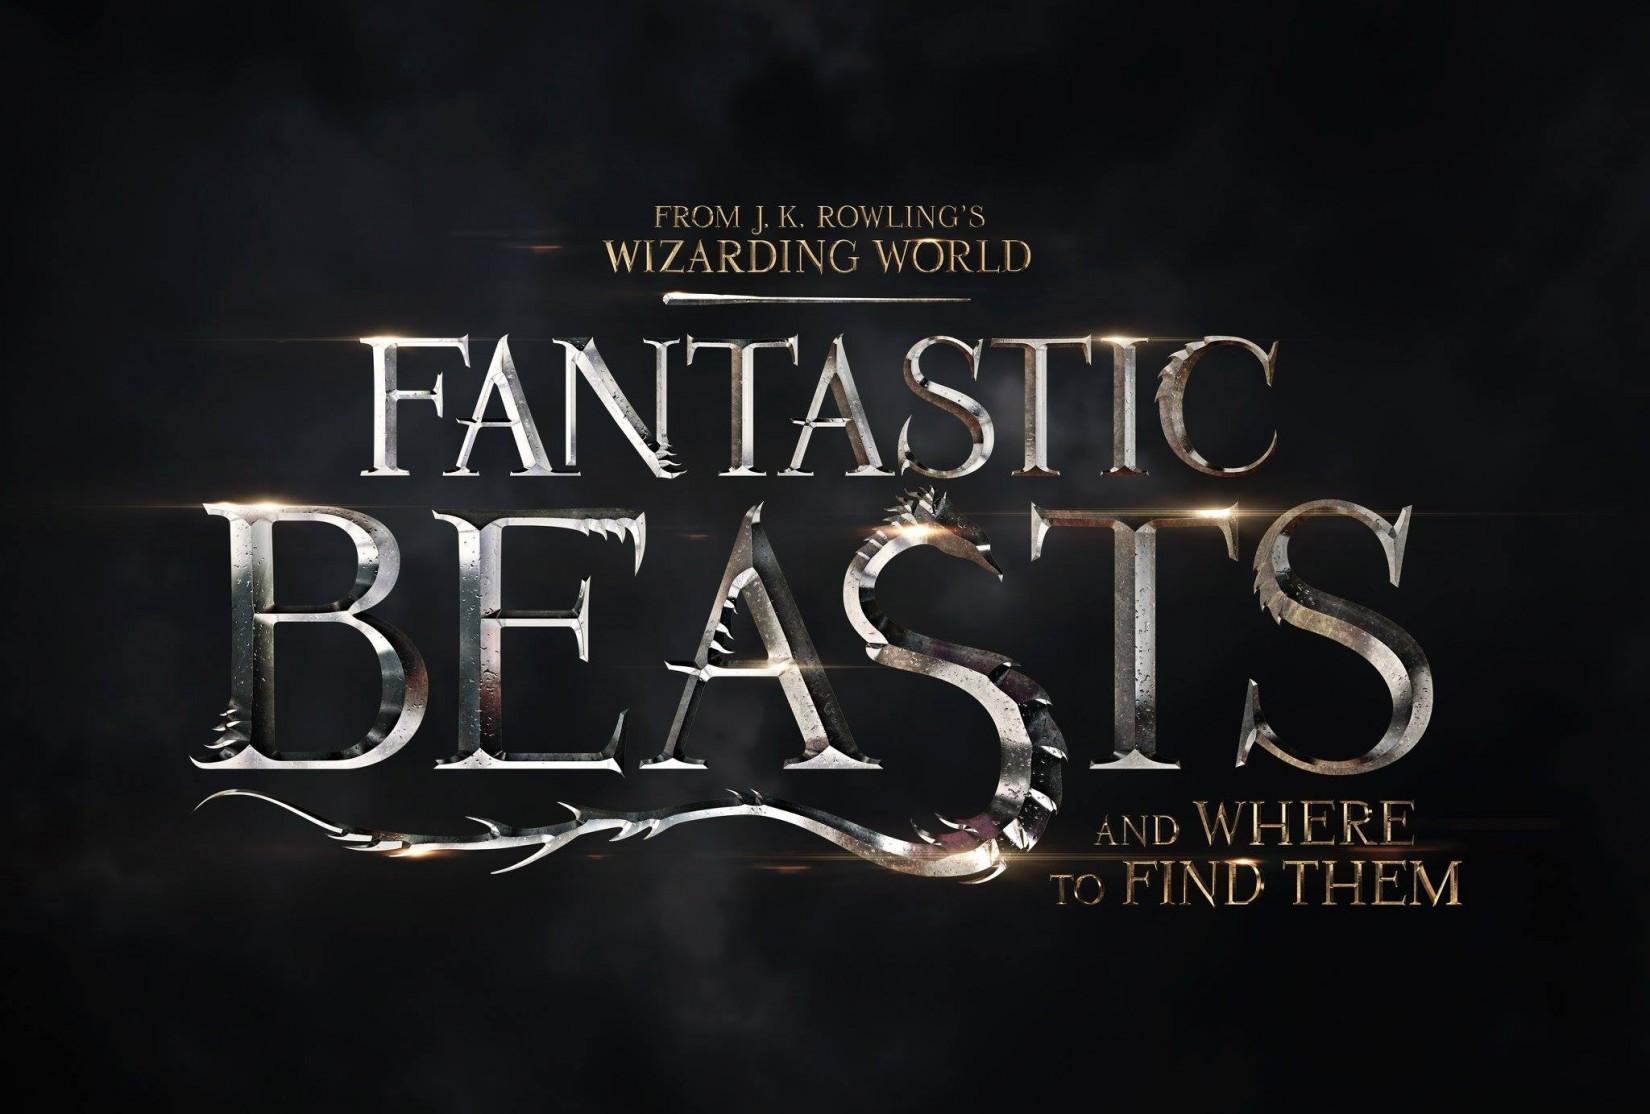 Fantastic Beasts font? - forum | dafont.com